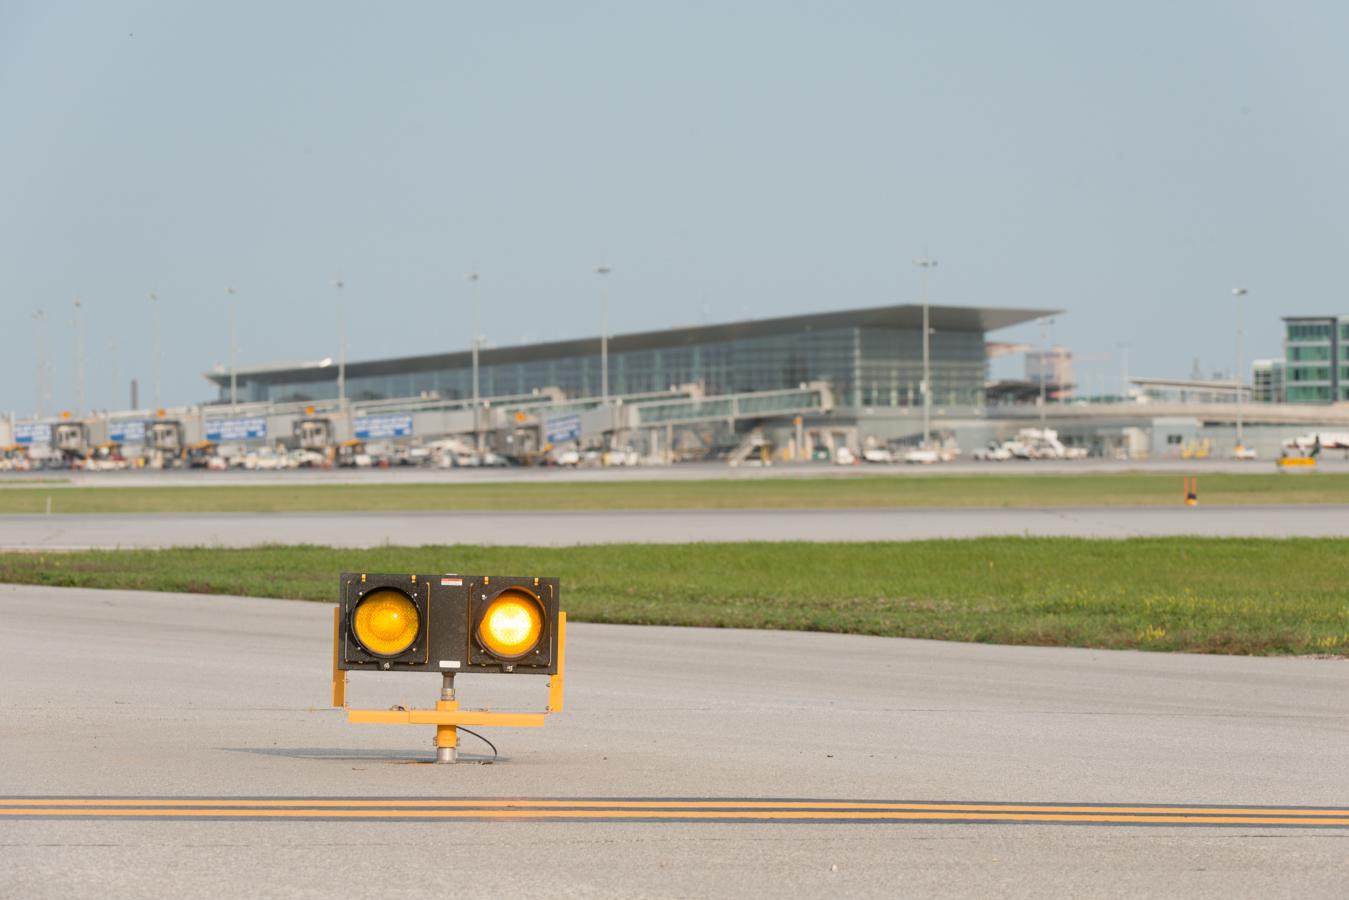 YWG Airport views from Runway (28 of 28).jpg